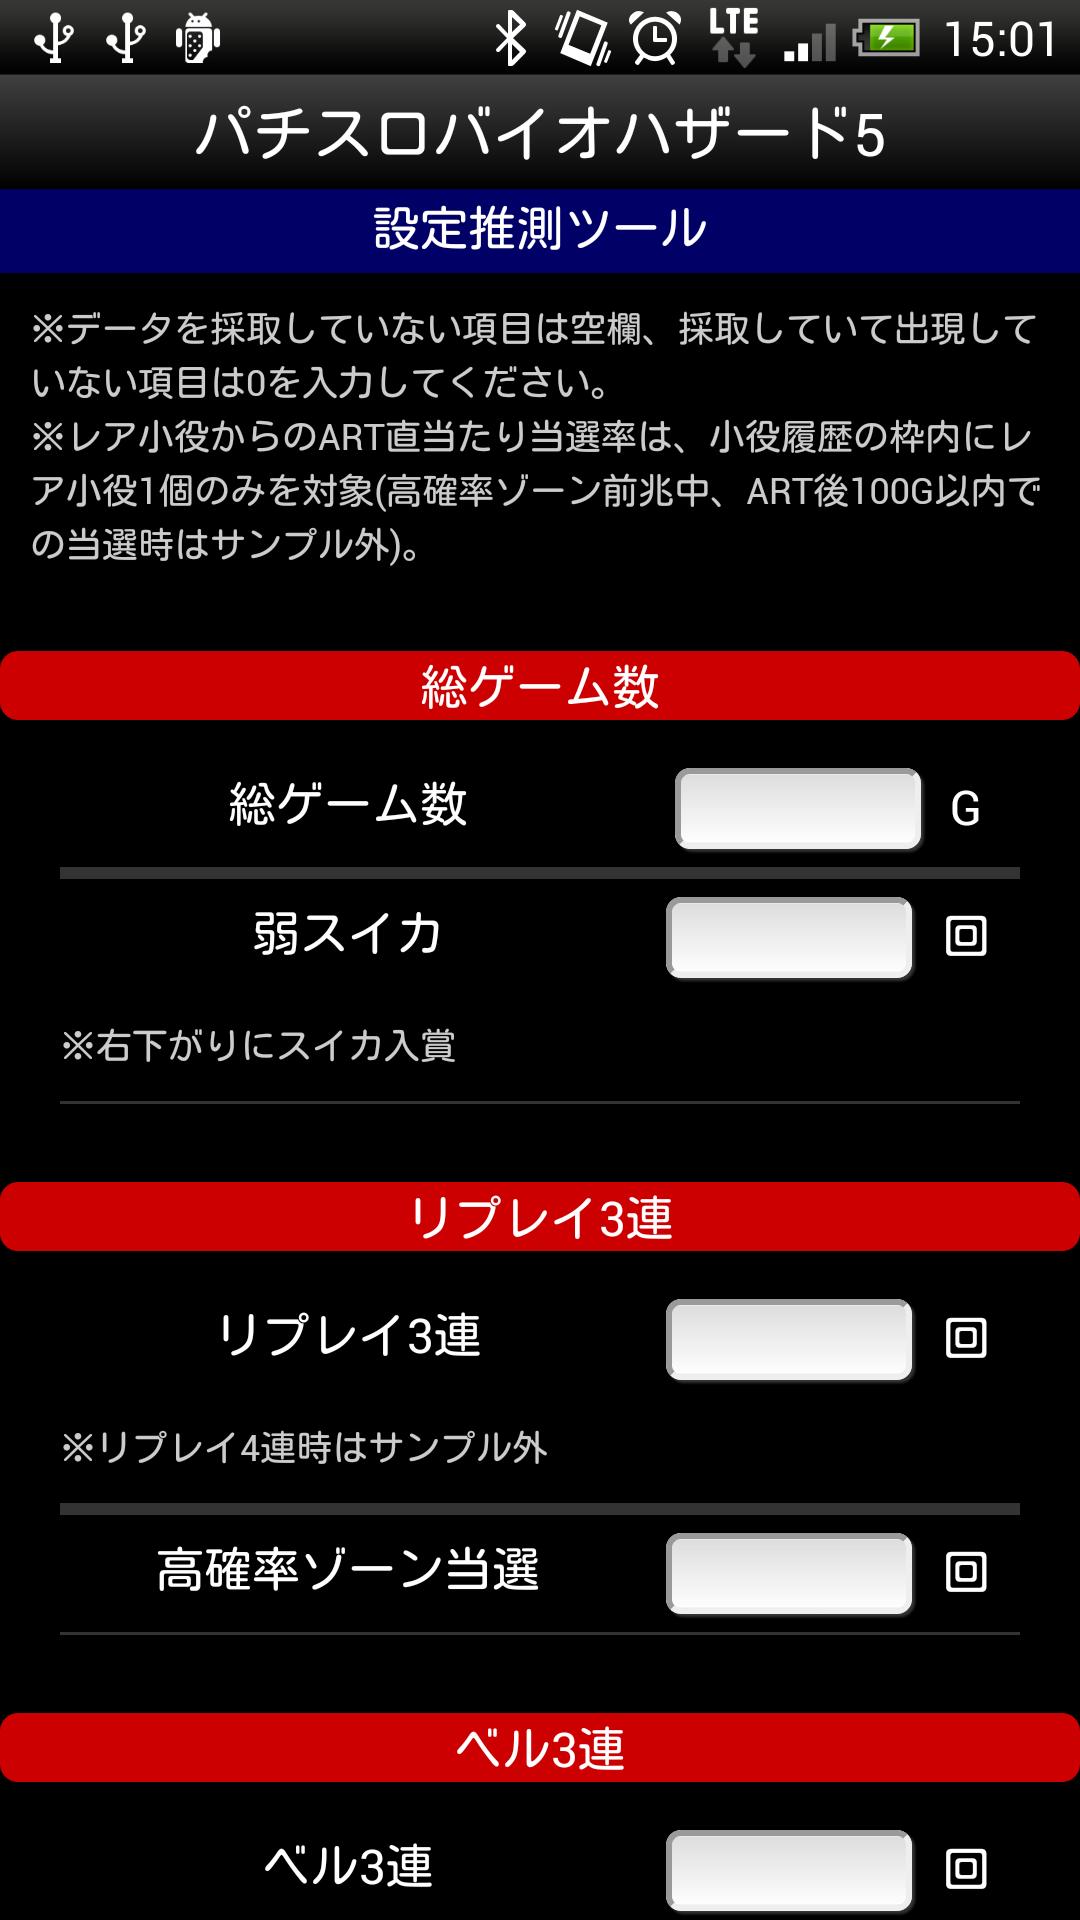 スマホ版パチスロ攻略マガジンバイオハザード5設定判別アプリ公開